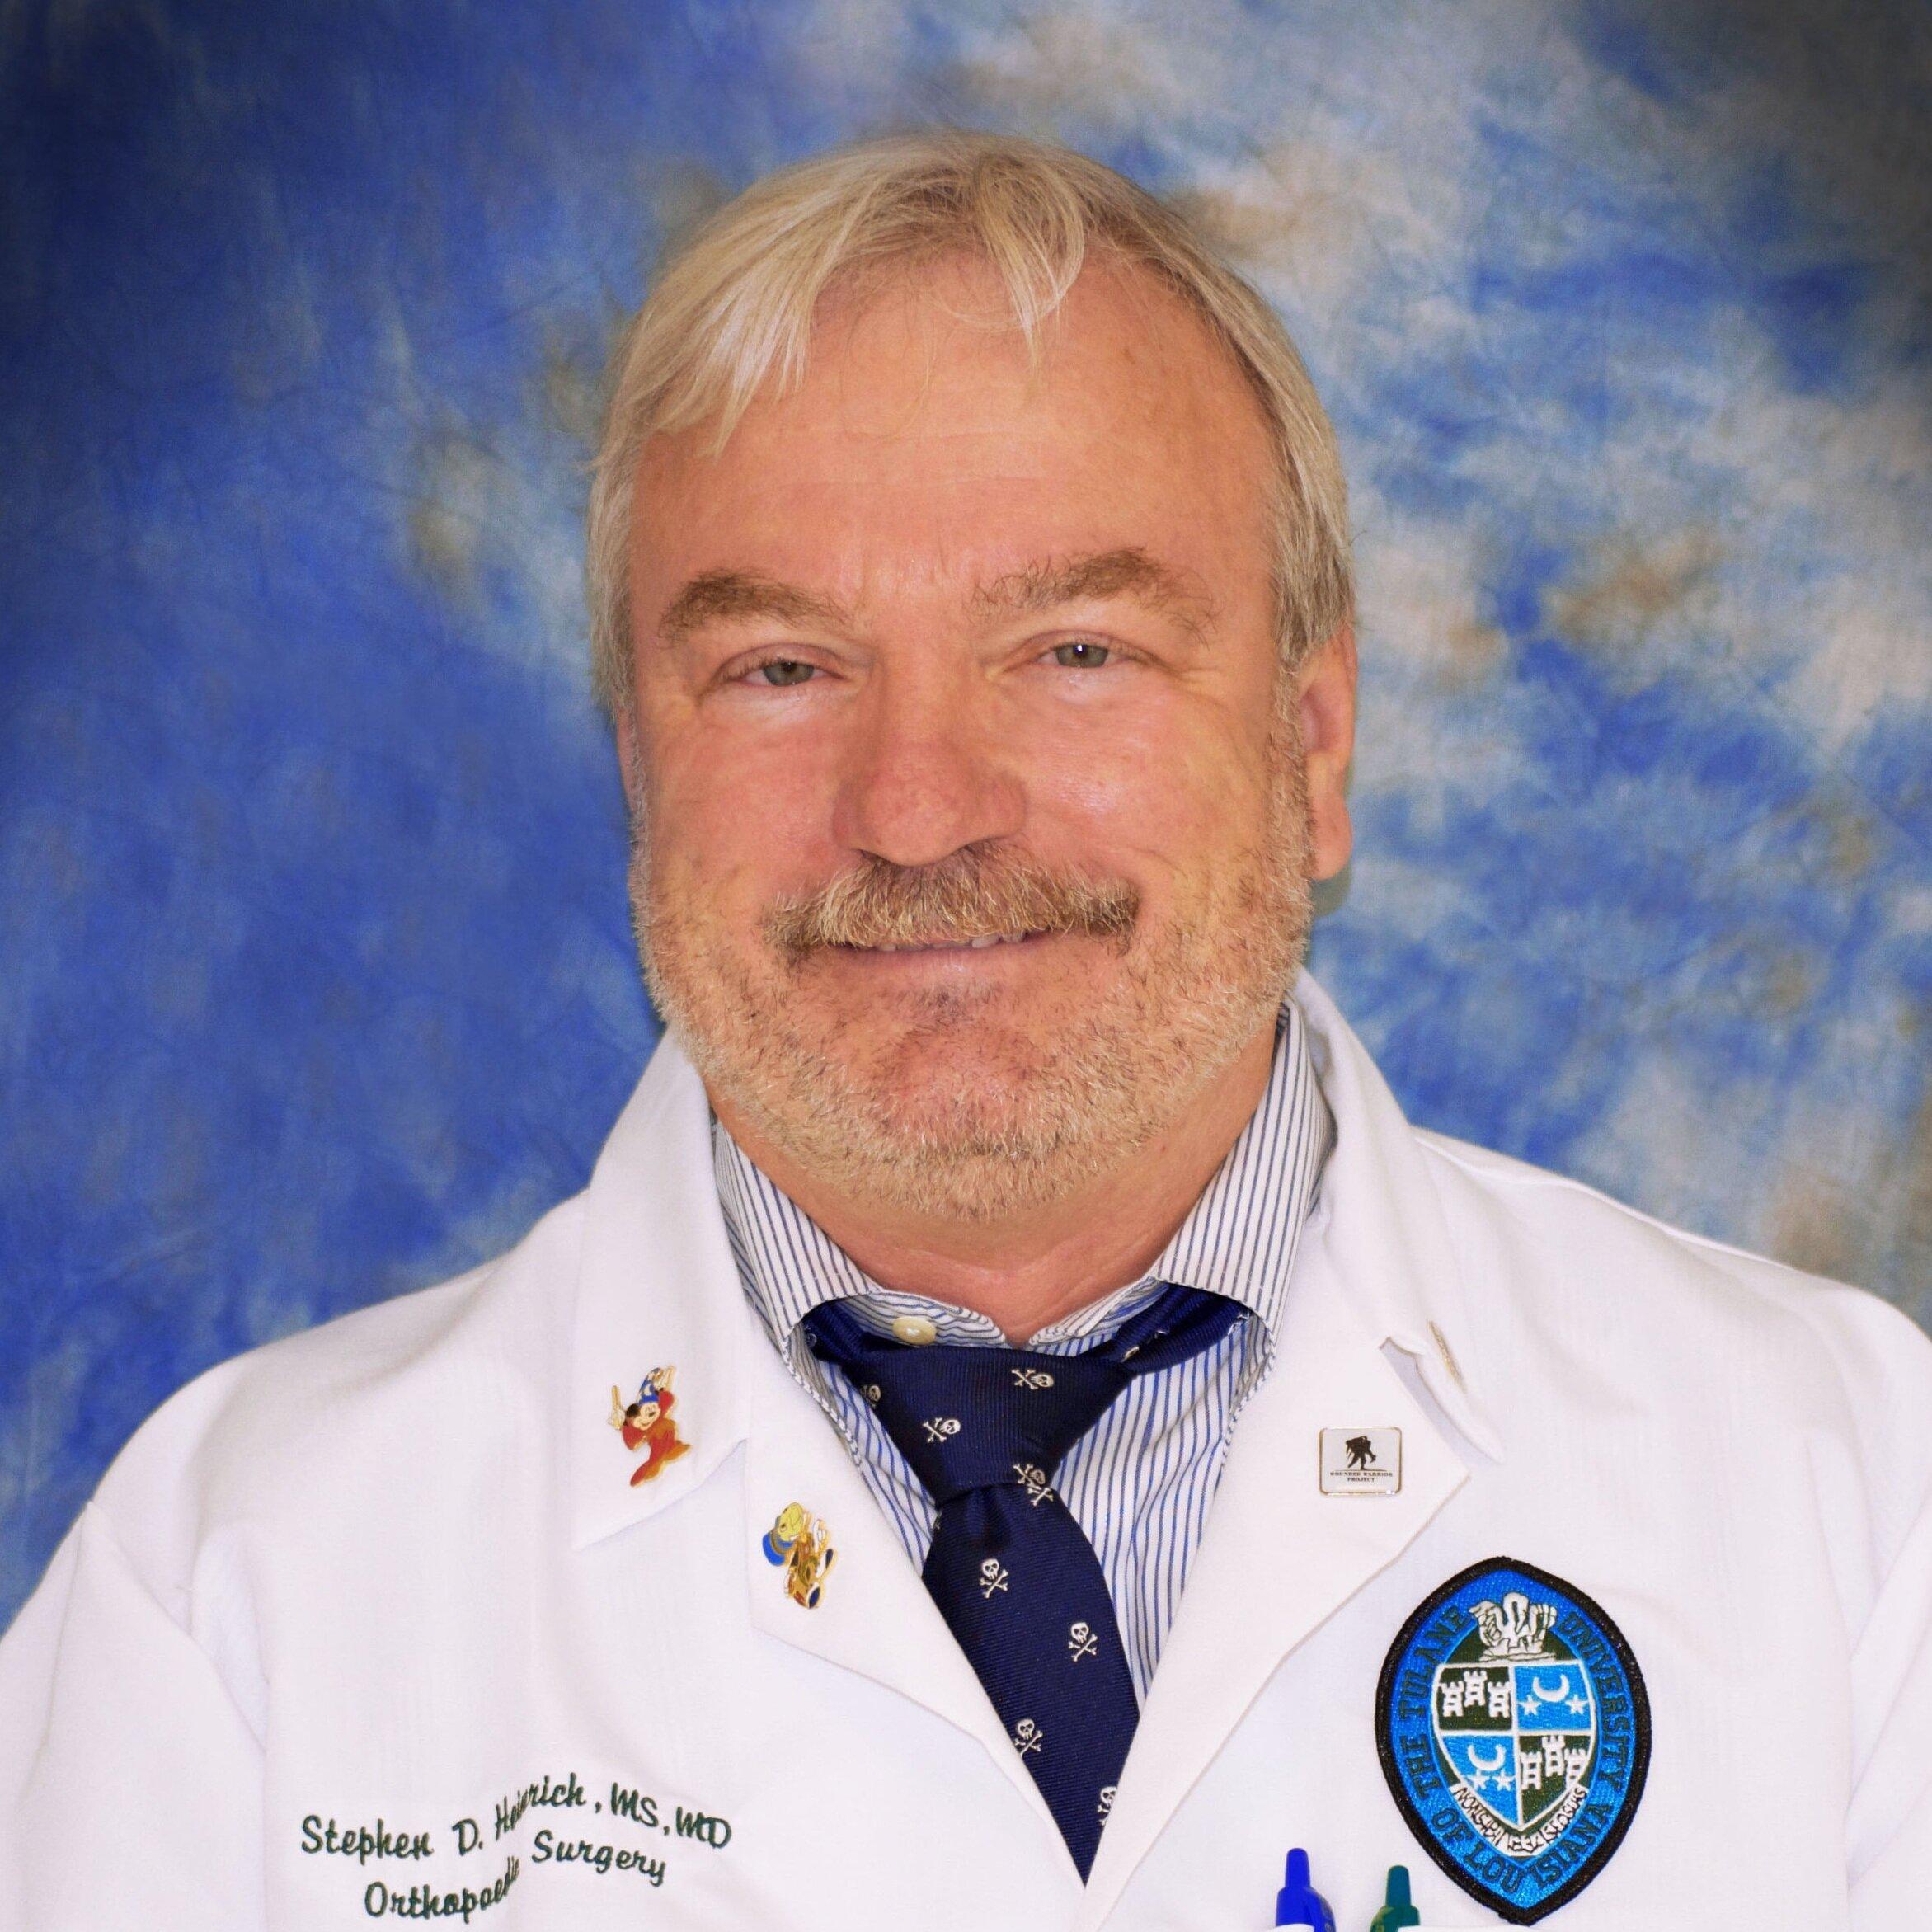 Dr. Stephen Heinrich